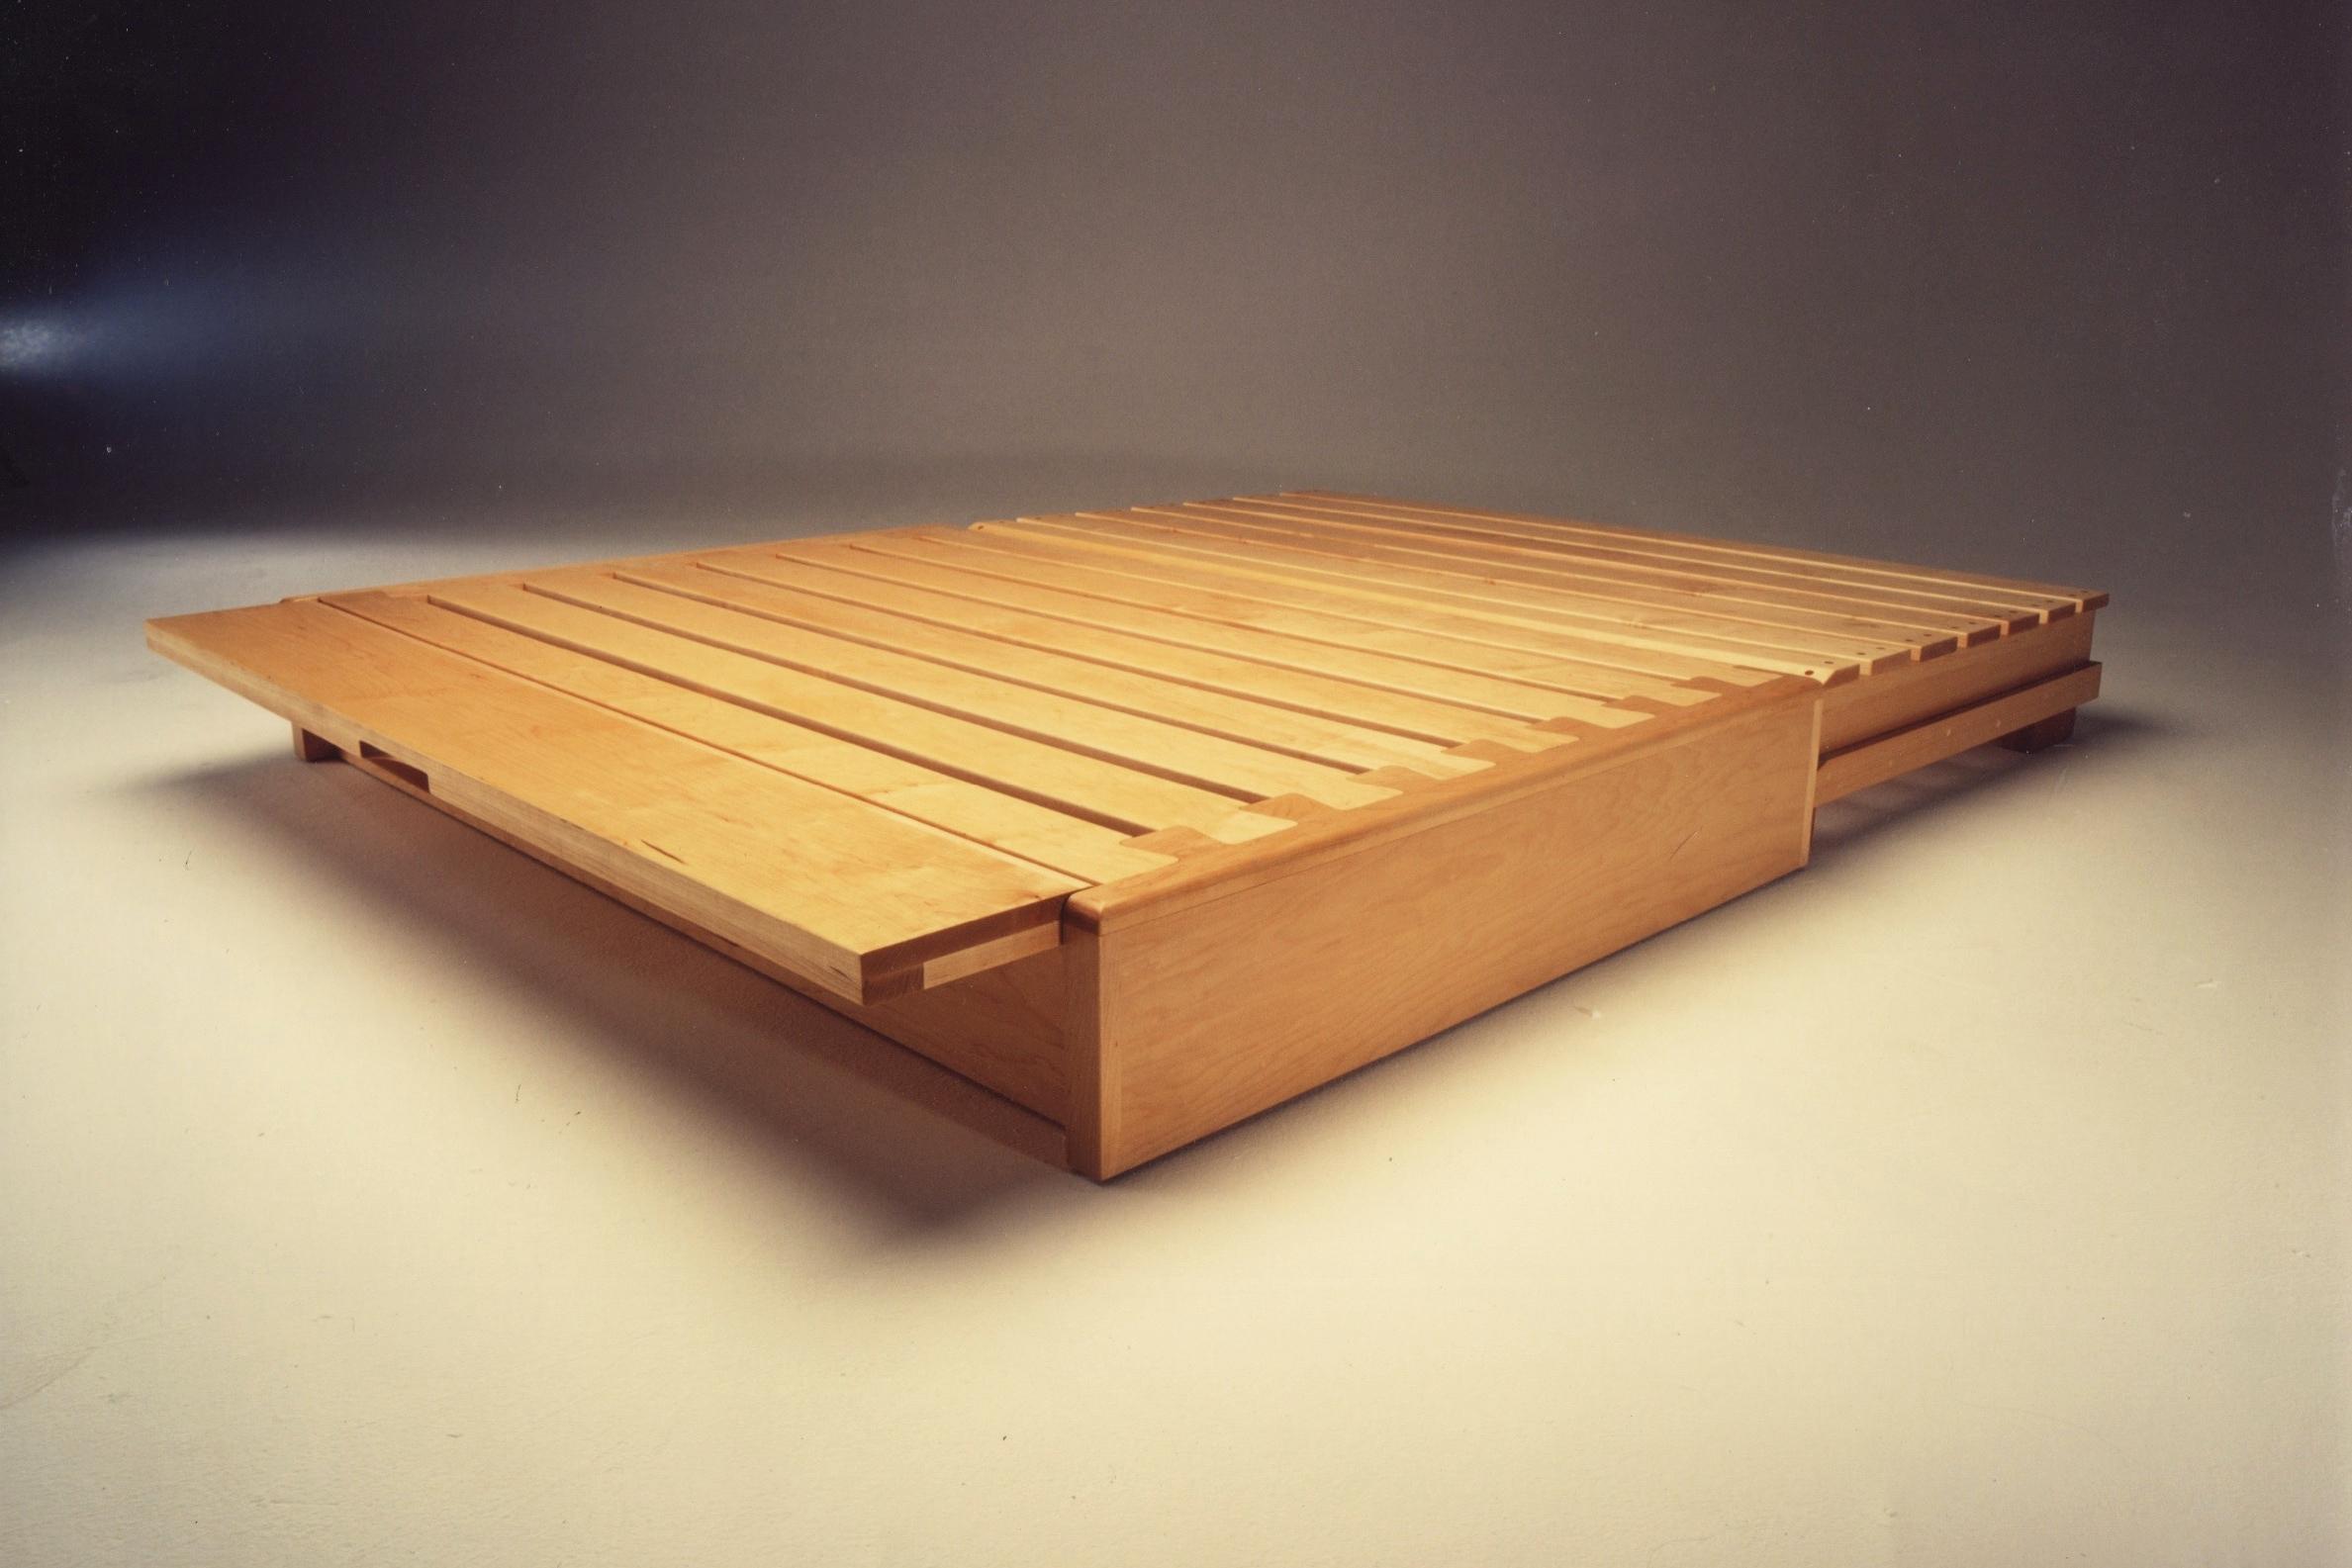 japanese platform bed - custom designed conversion mechanism